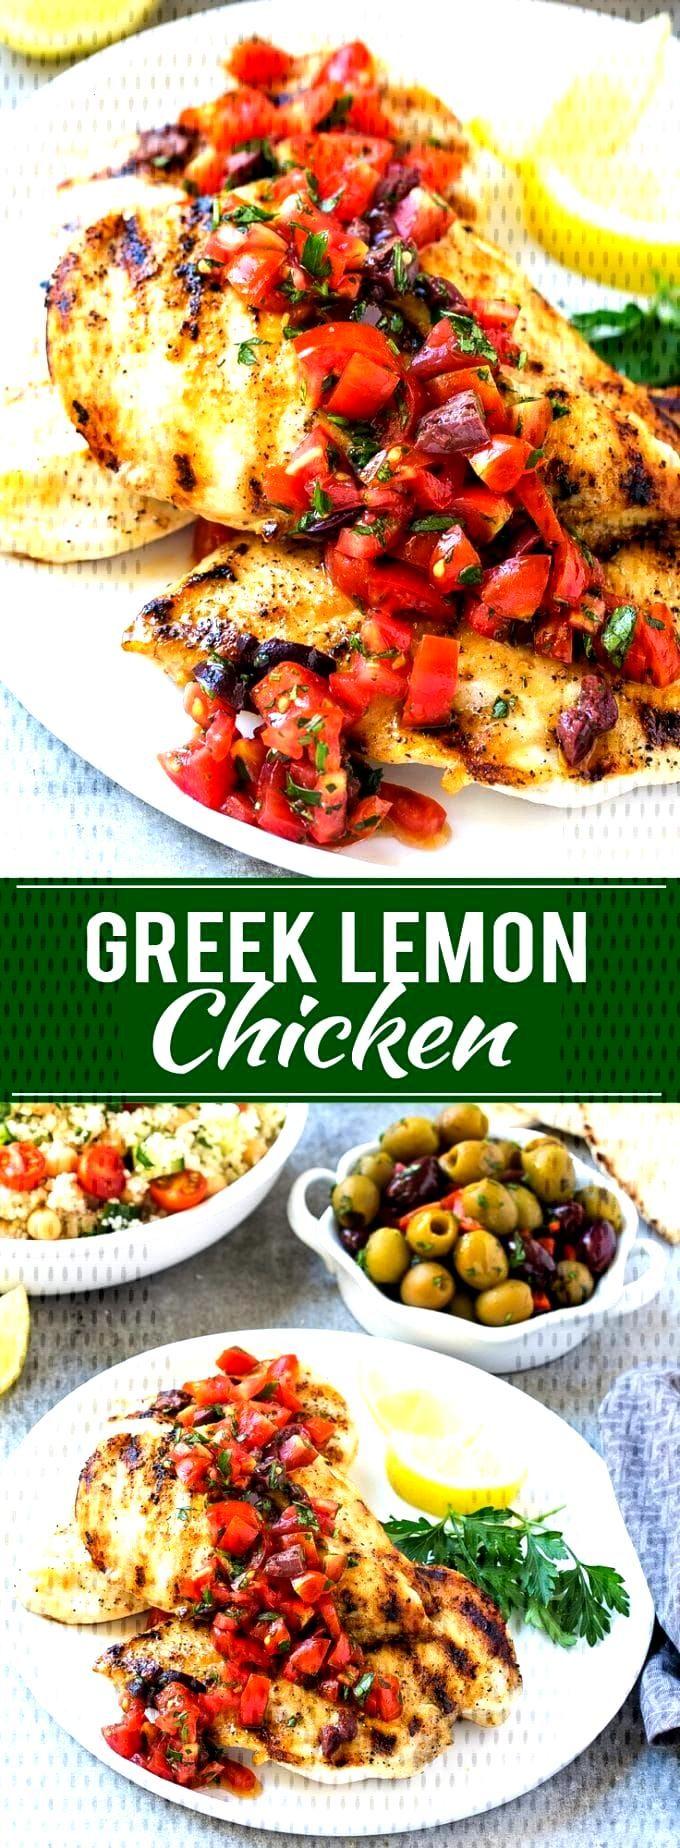 Greek Lemon Chicken Recipe | Greek Chicken | Grilled Chicken | Lemon Chicken